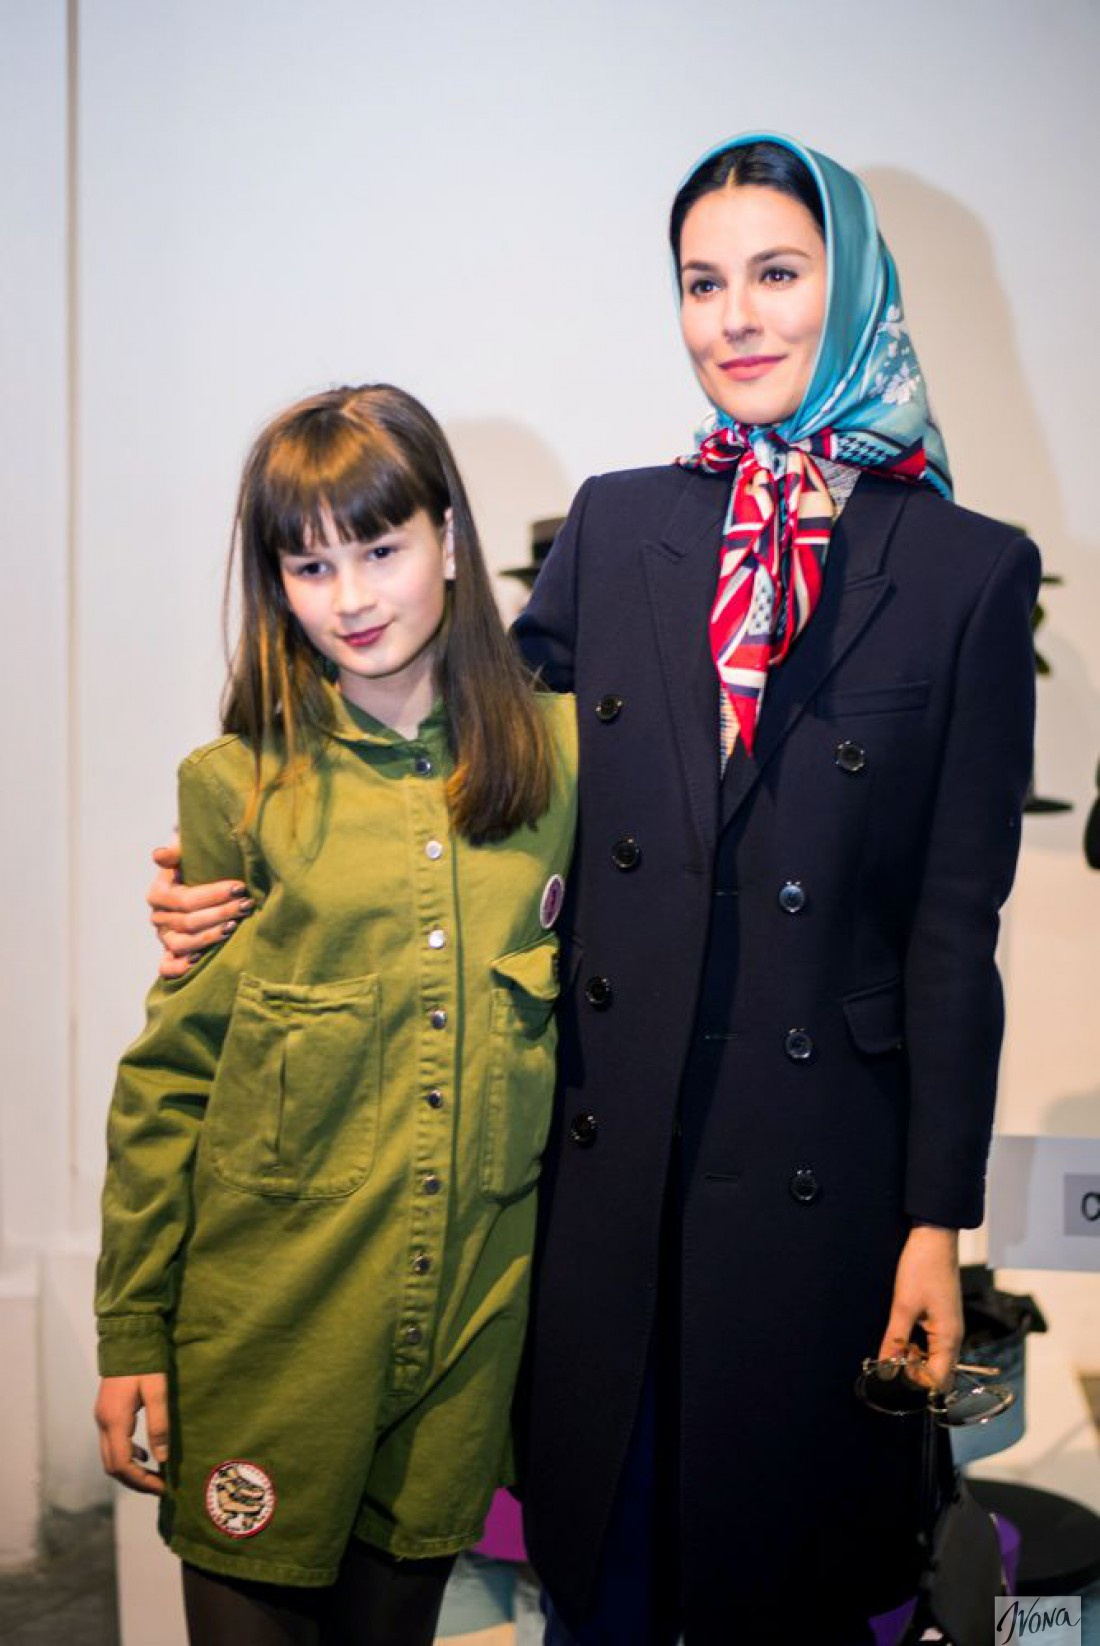 Маша Ефросинина: Нана – мой лучший друг